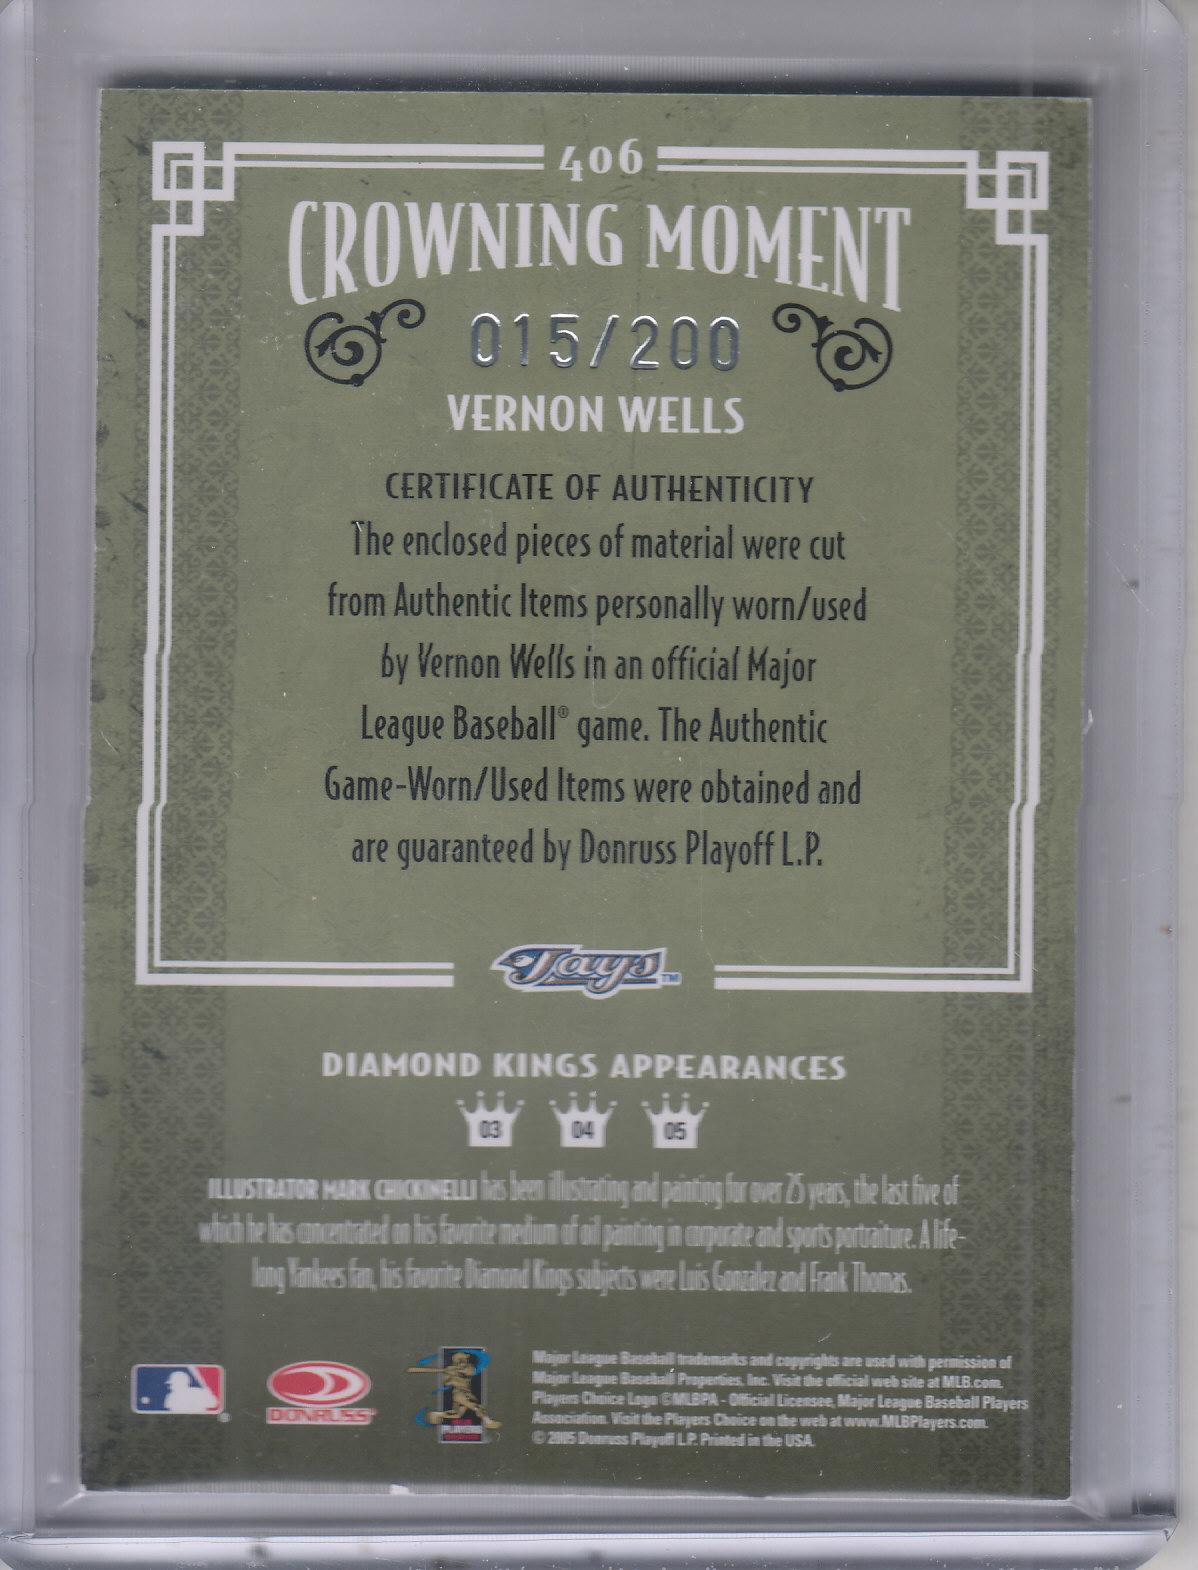 2005 Diamond Kings Materials Framed Red #406 Vernon Wells Jsy-Jsy/200 back image